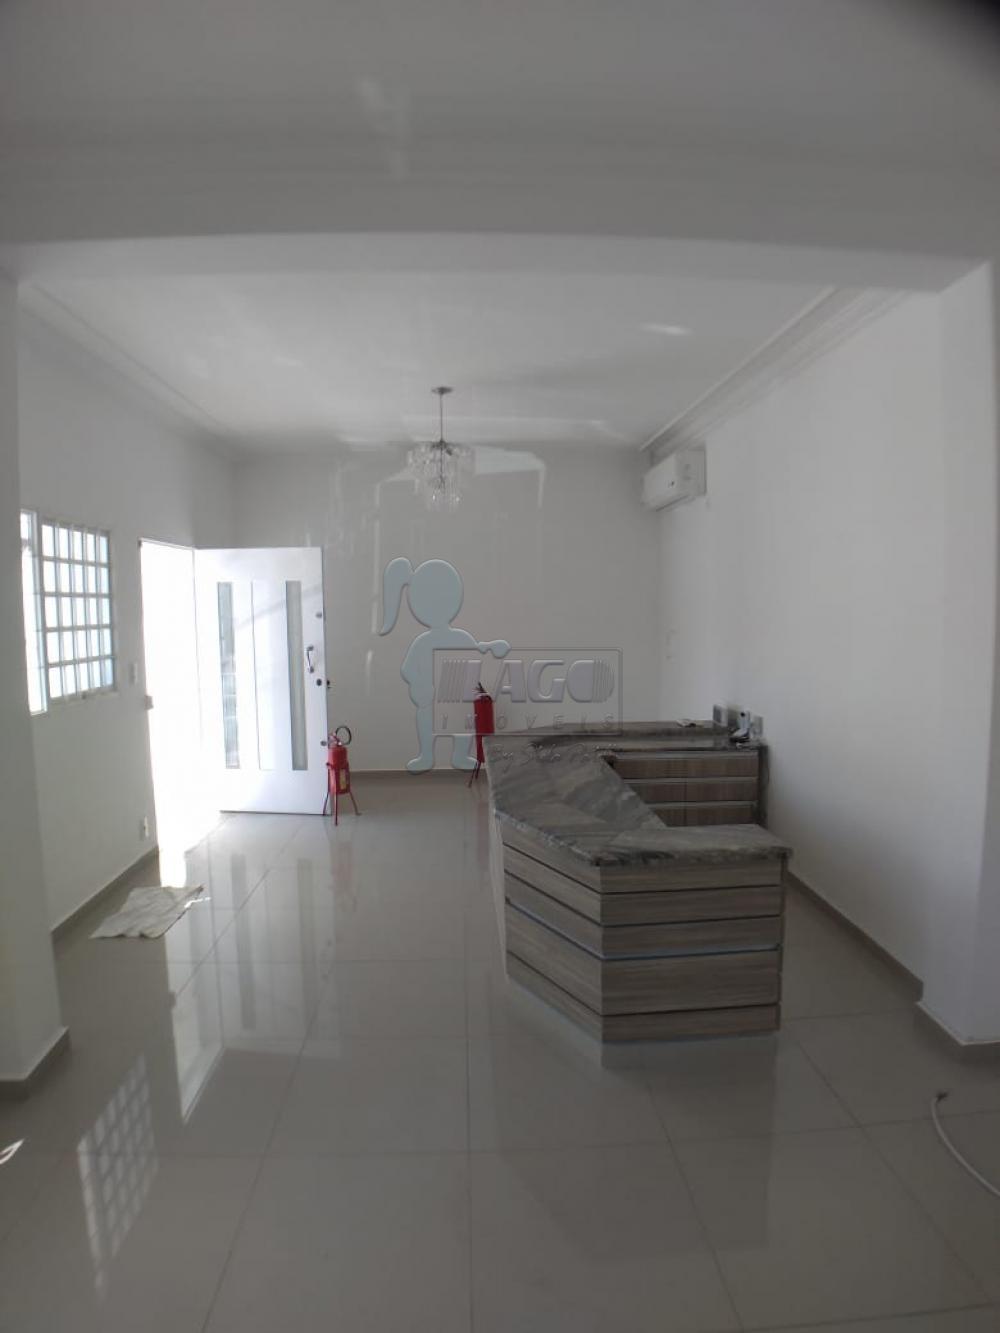 Alugar Comercial / Imóvel Comercial em Ribeirão Preto apenas R$ 3.500,00 - Foto 2